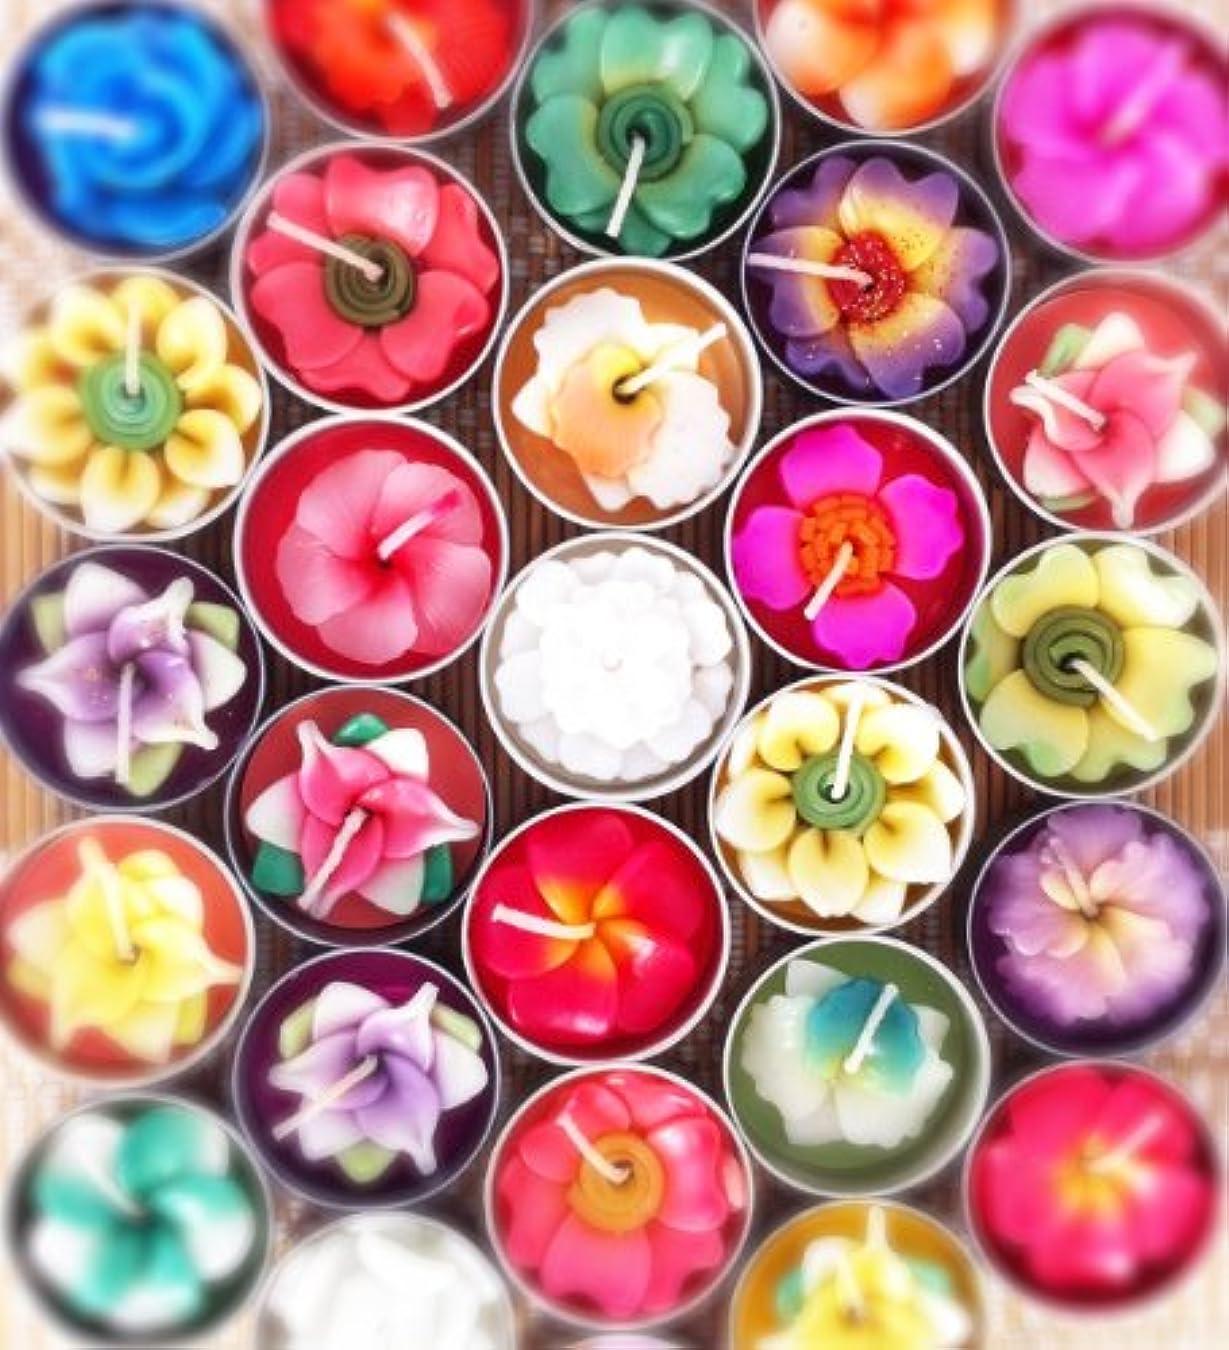 溶ける行政出しますTiddin Design【キャンドル】フラワーキャンドル/ティーライトキャンドル/ろうそく/花の香り/Flower Candle (10個入りお徳用パック)